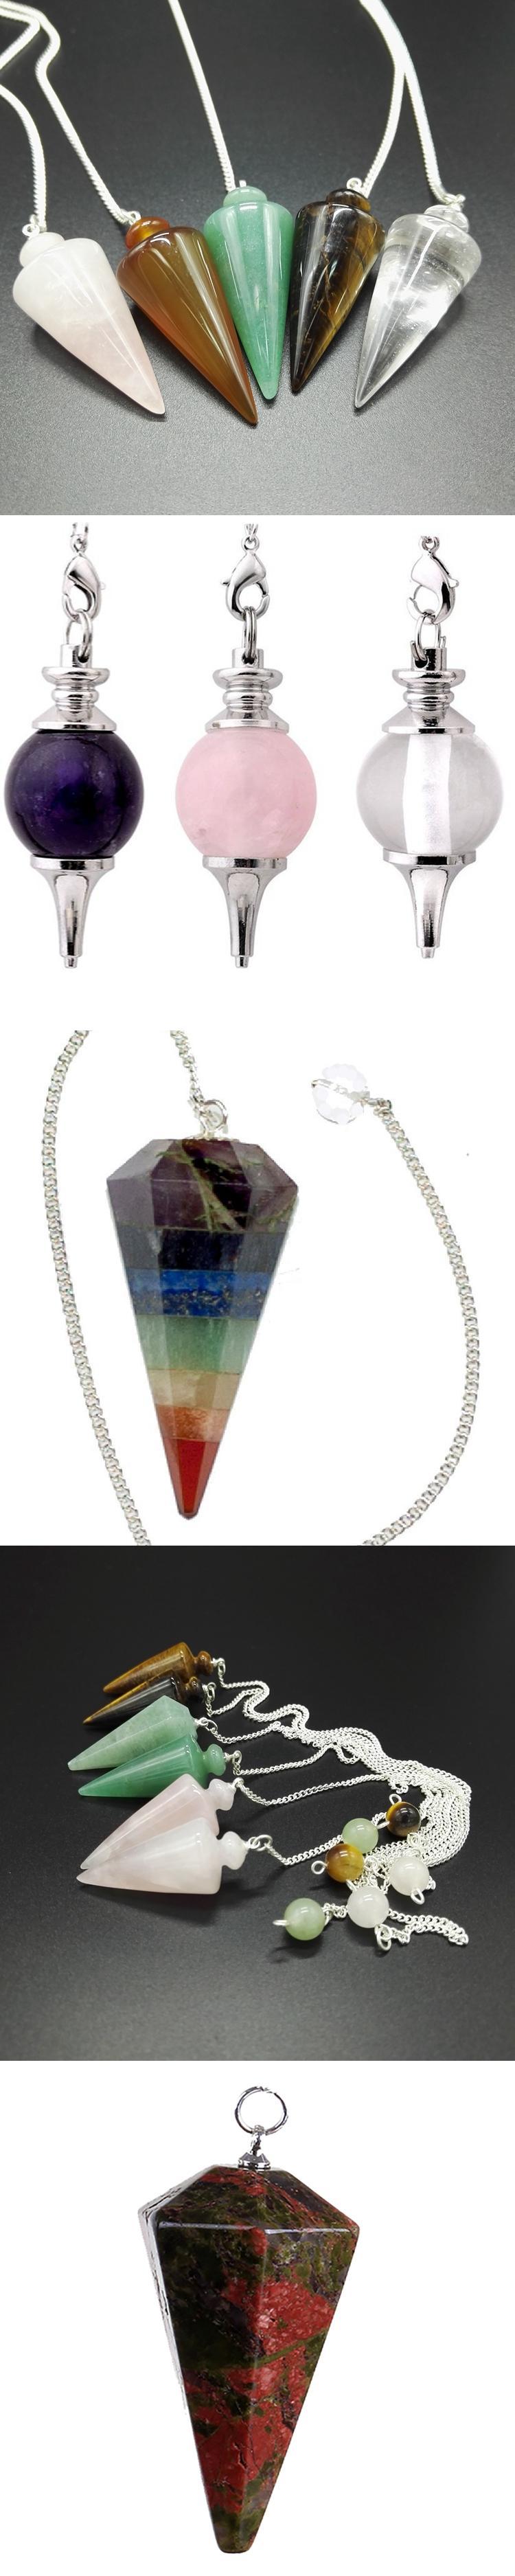 Feng shui semi precious stone pendulum dowsing healing